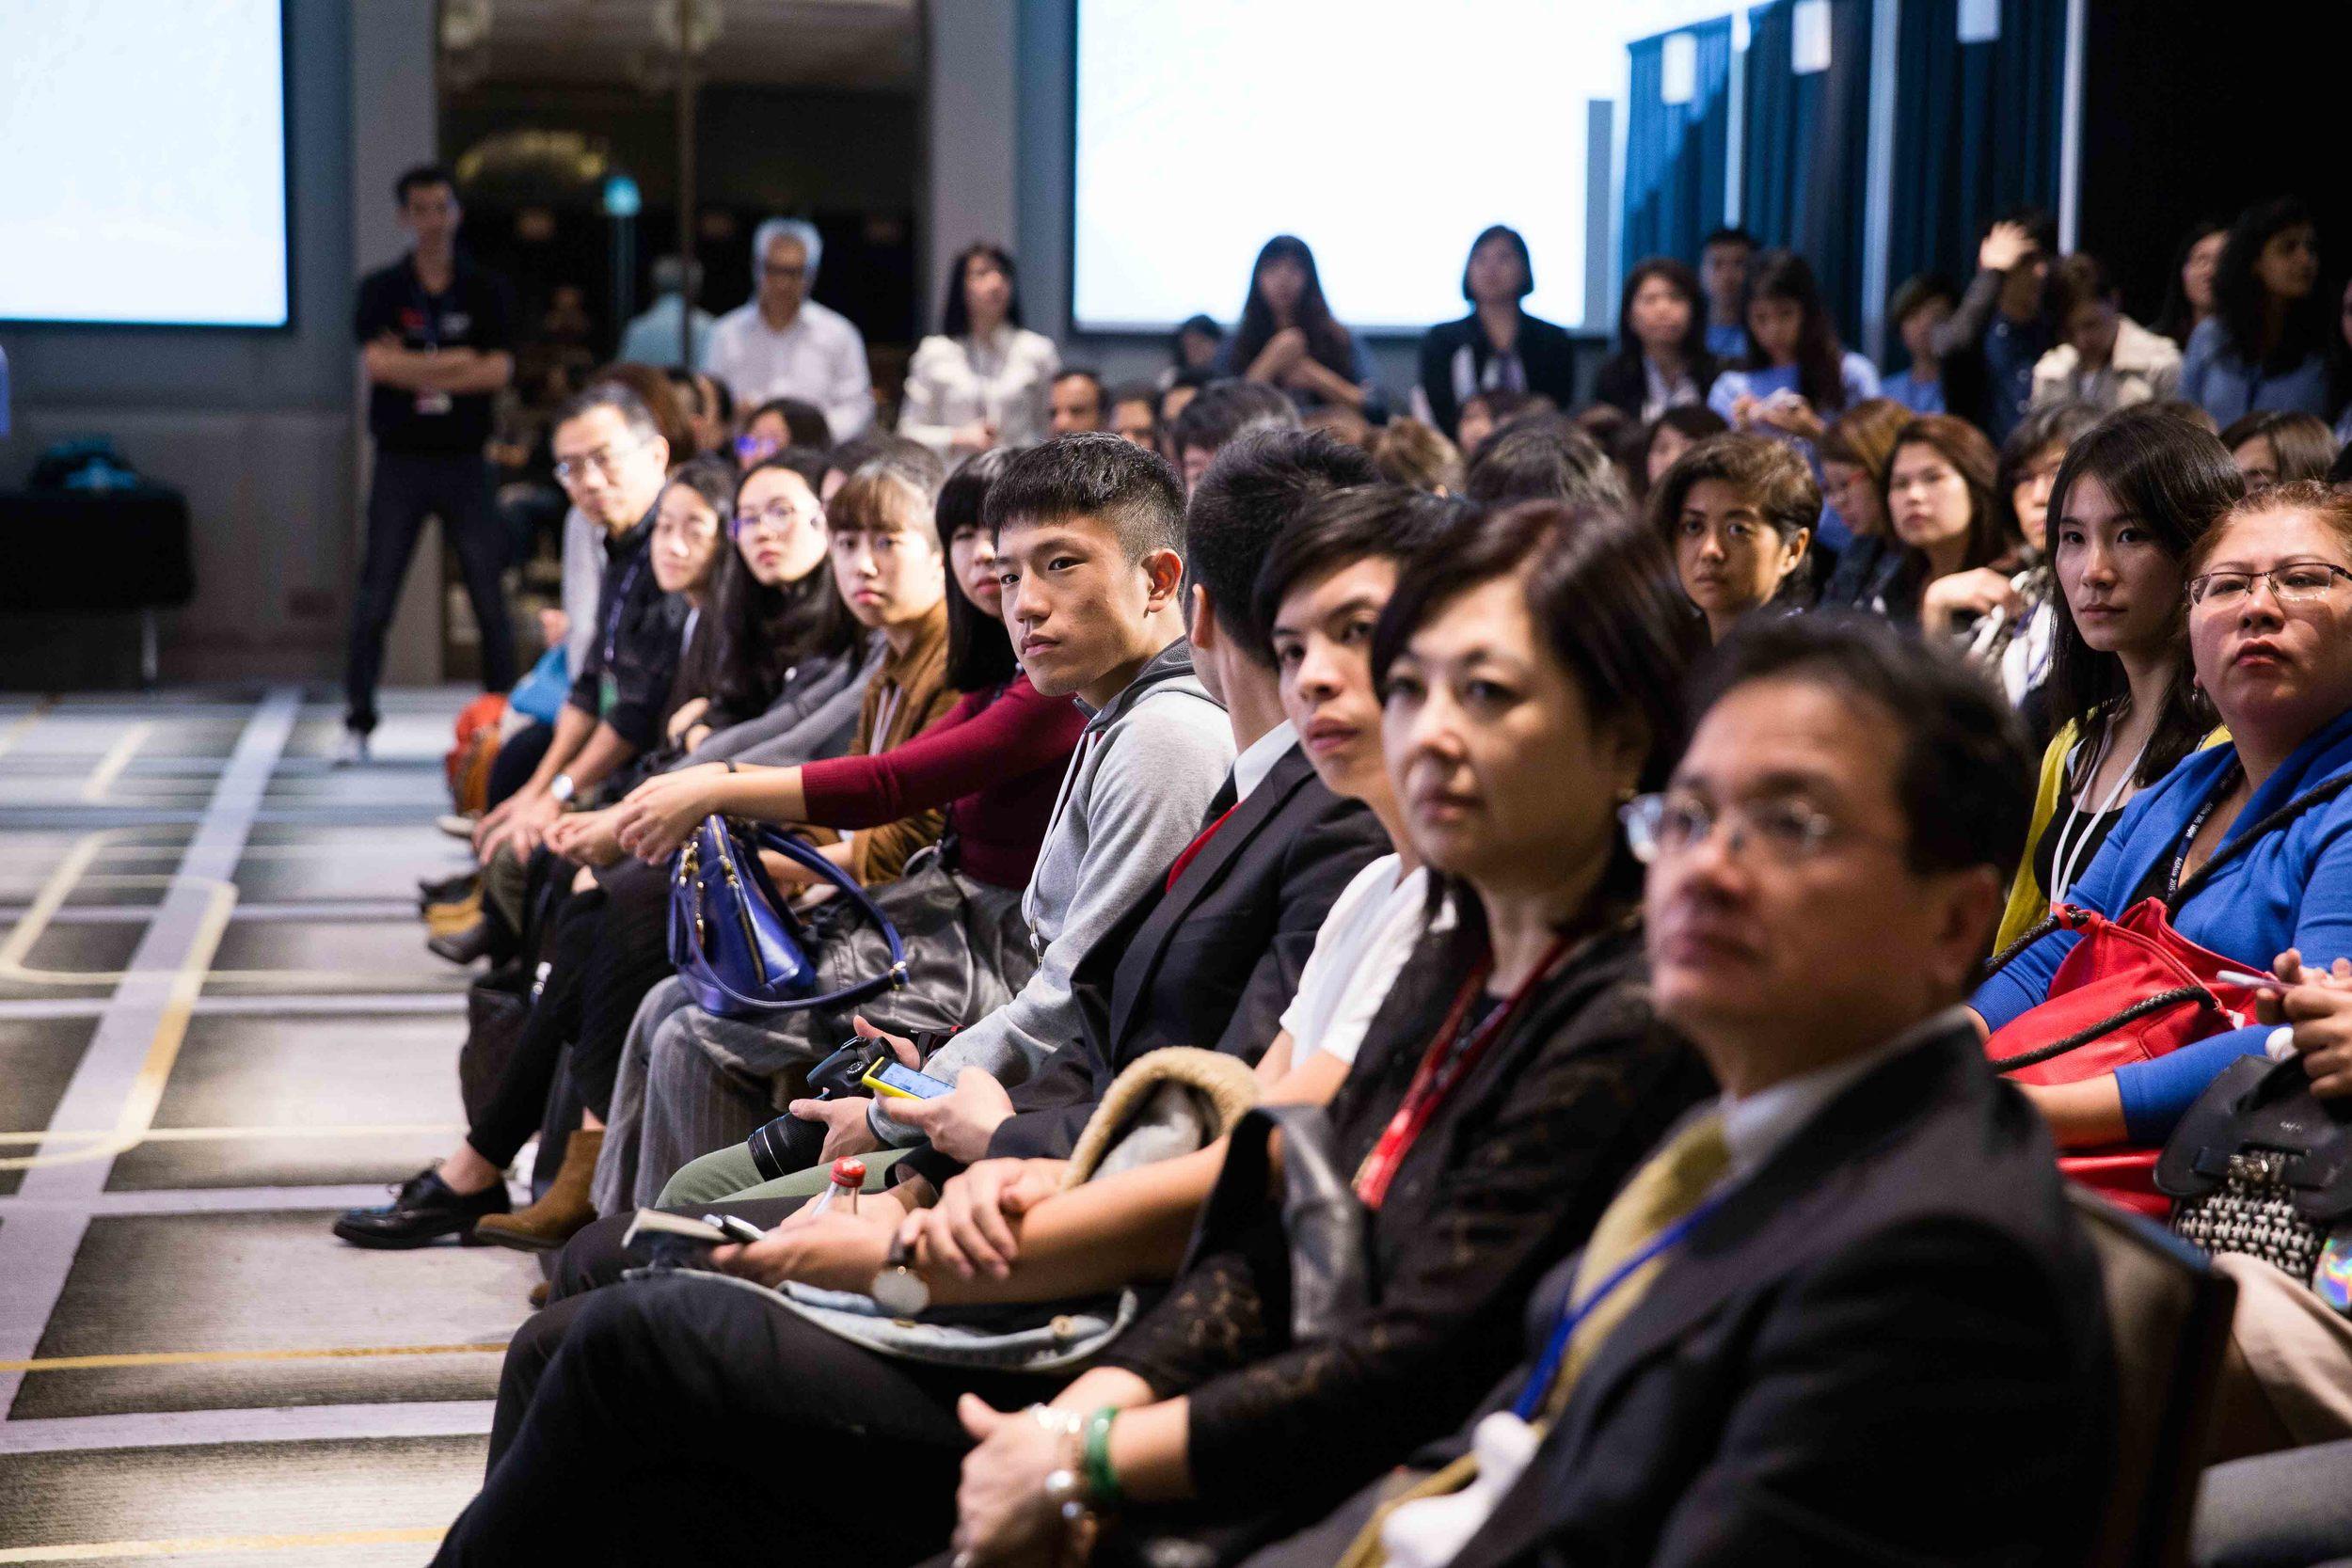 Wuz_newwebsite_event_172.JPG